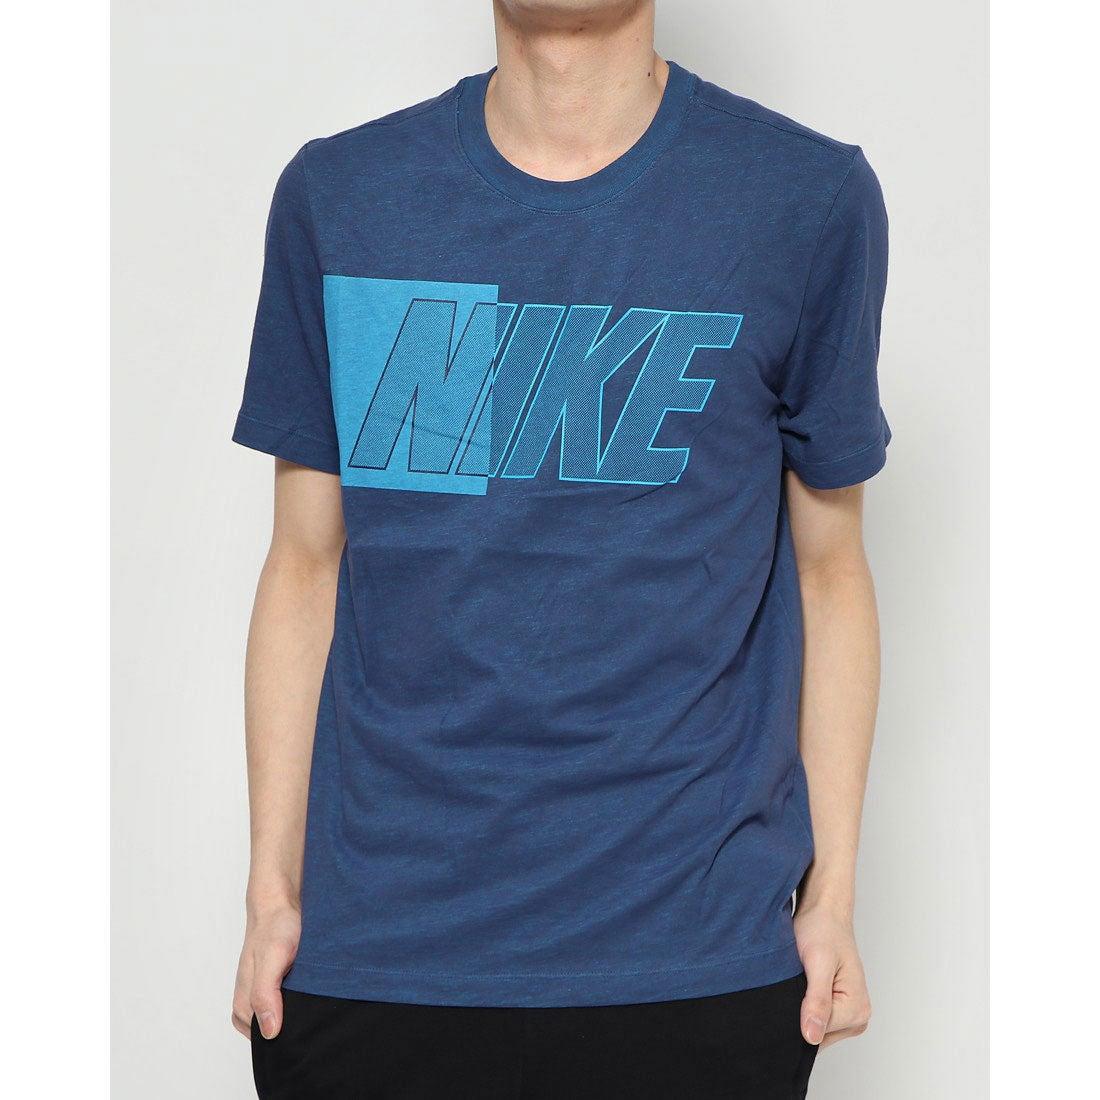 ナイキ NIKE メンズ 半袖機能Tシャツ ナイキ DFC NB SLUB Tシャツ CT6461410